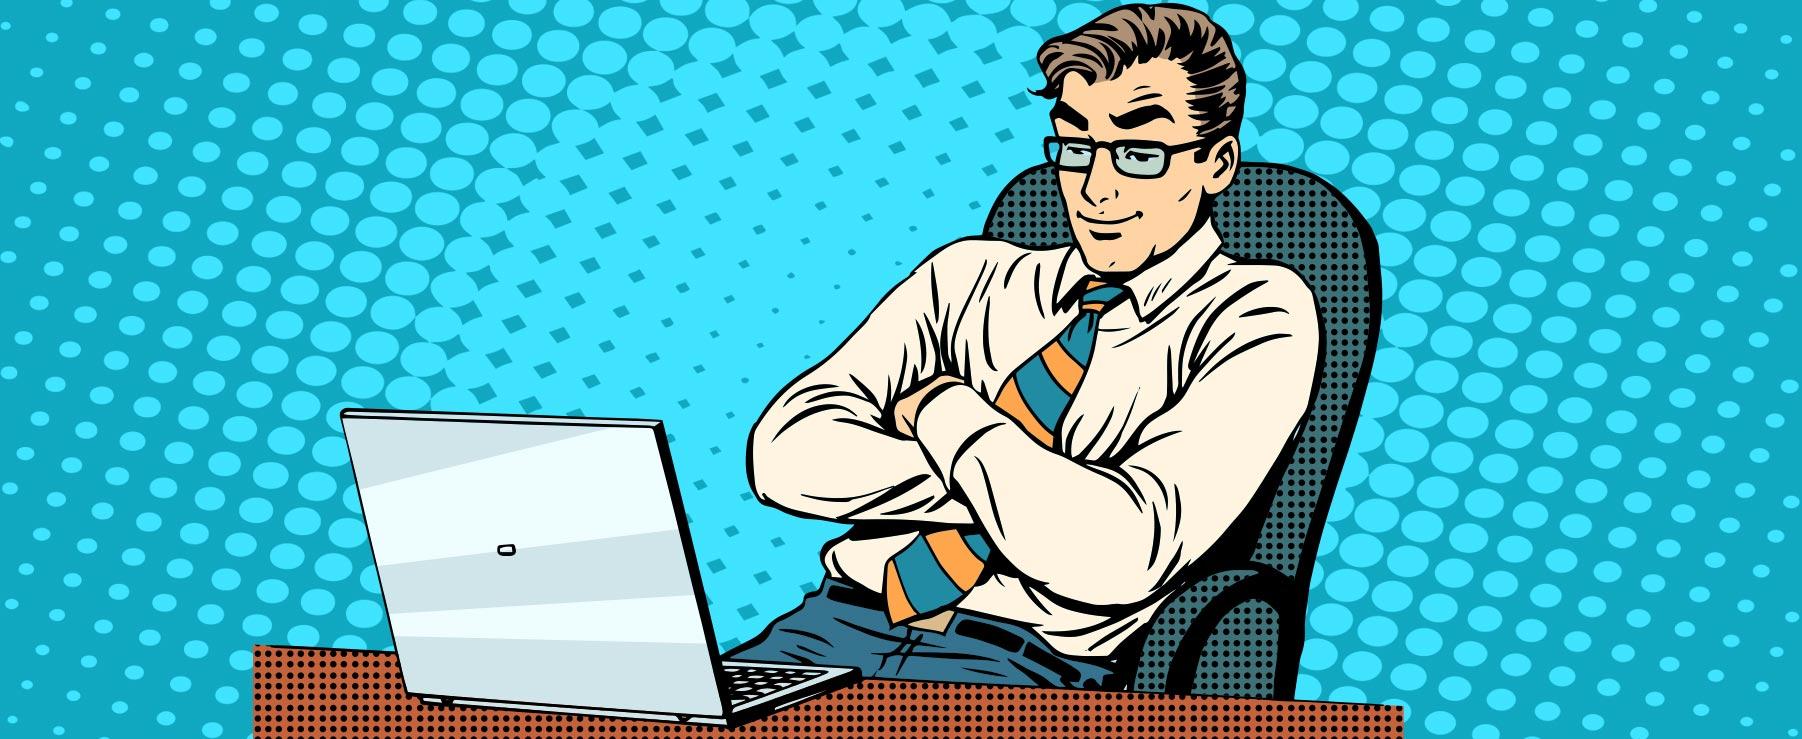 Mann sitzt am Laptop am Schreibtisch mit Brille im retro Comic STil